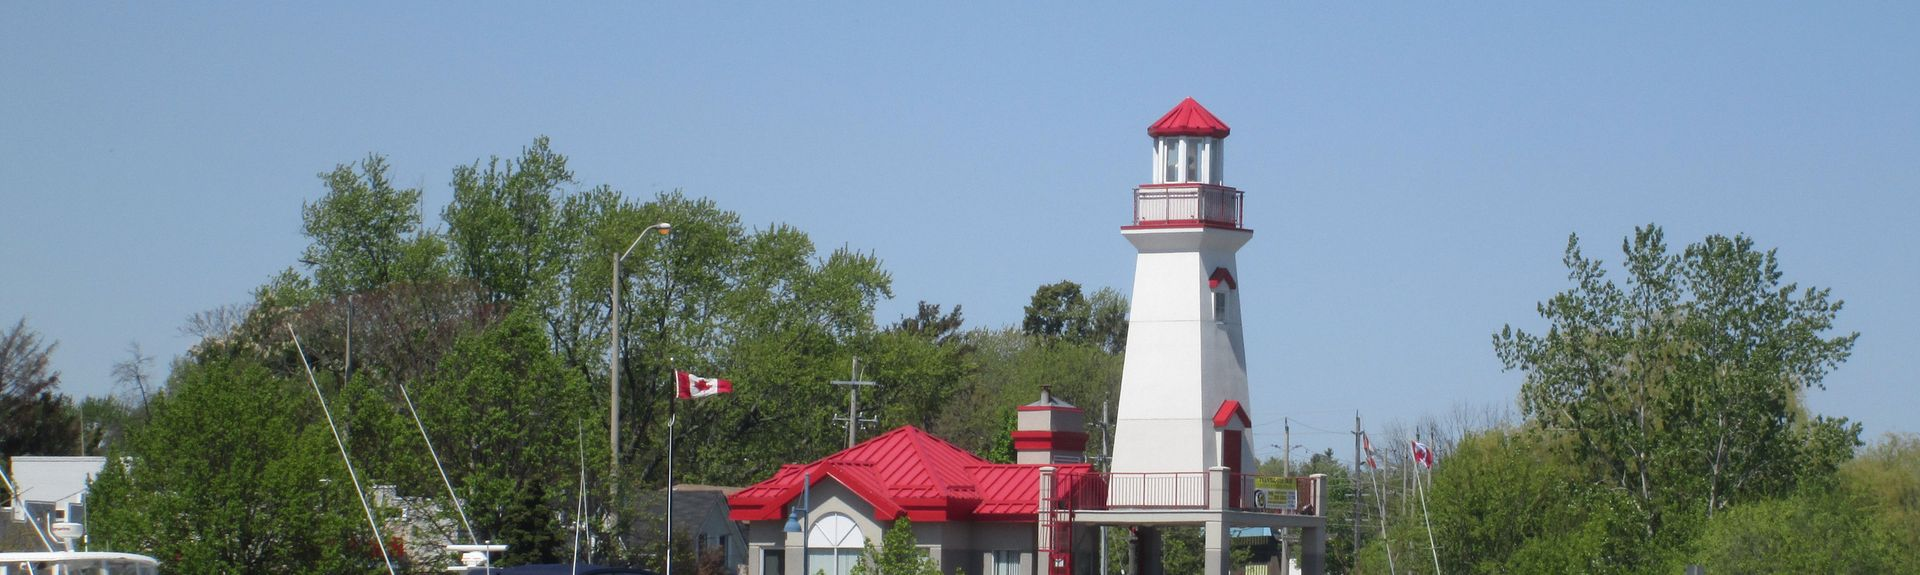 Oakville, ON, Canada